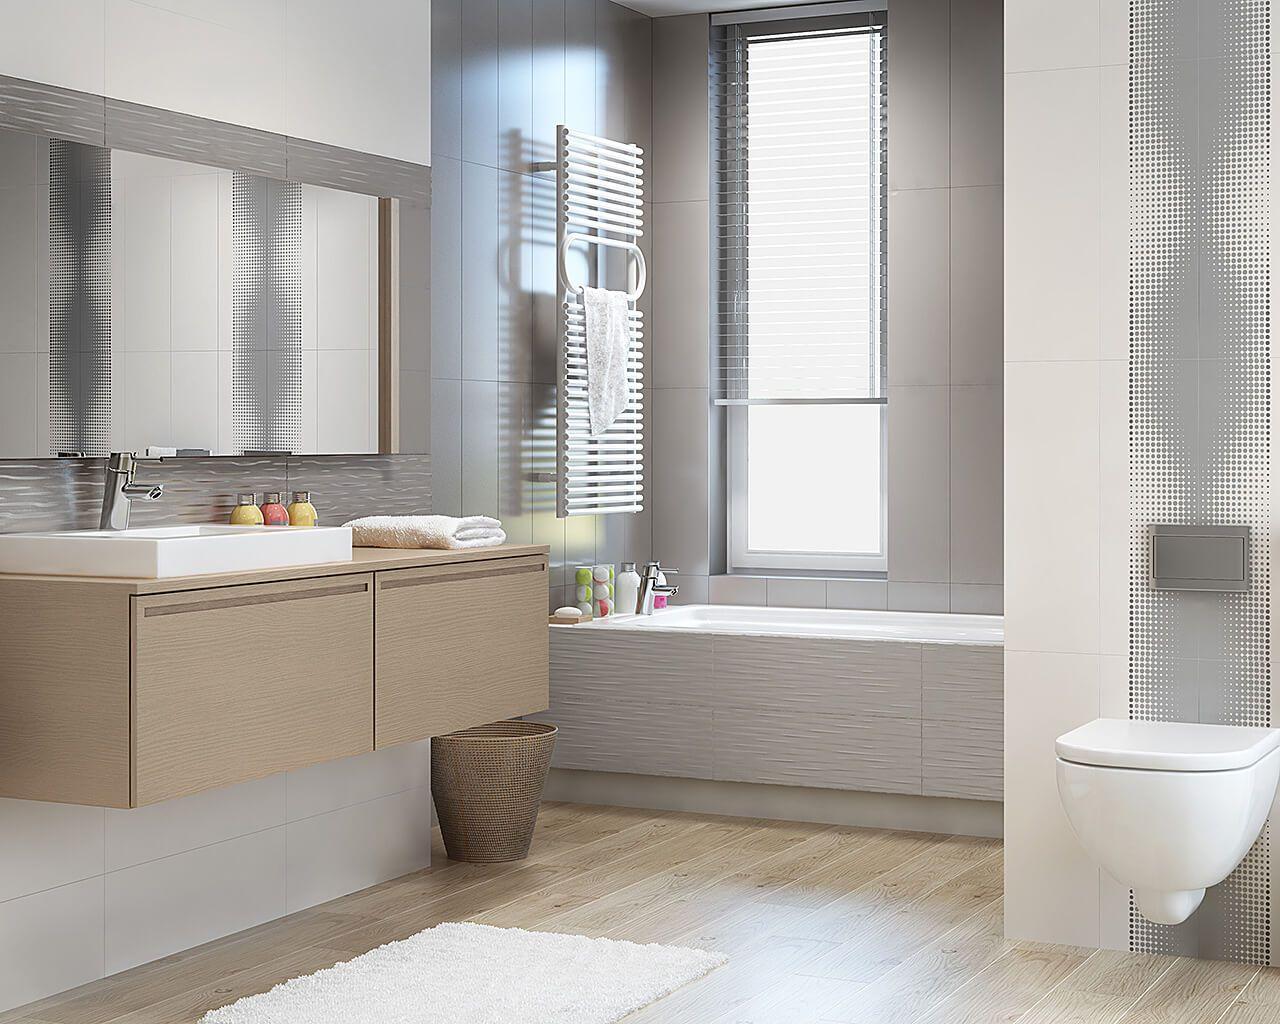 średniej Wielkości łazienka W Modnych Szarościach Ceramika